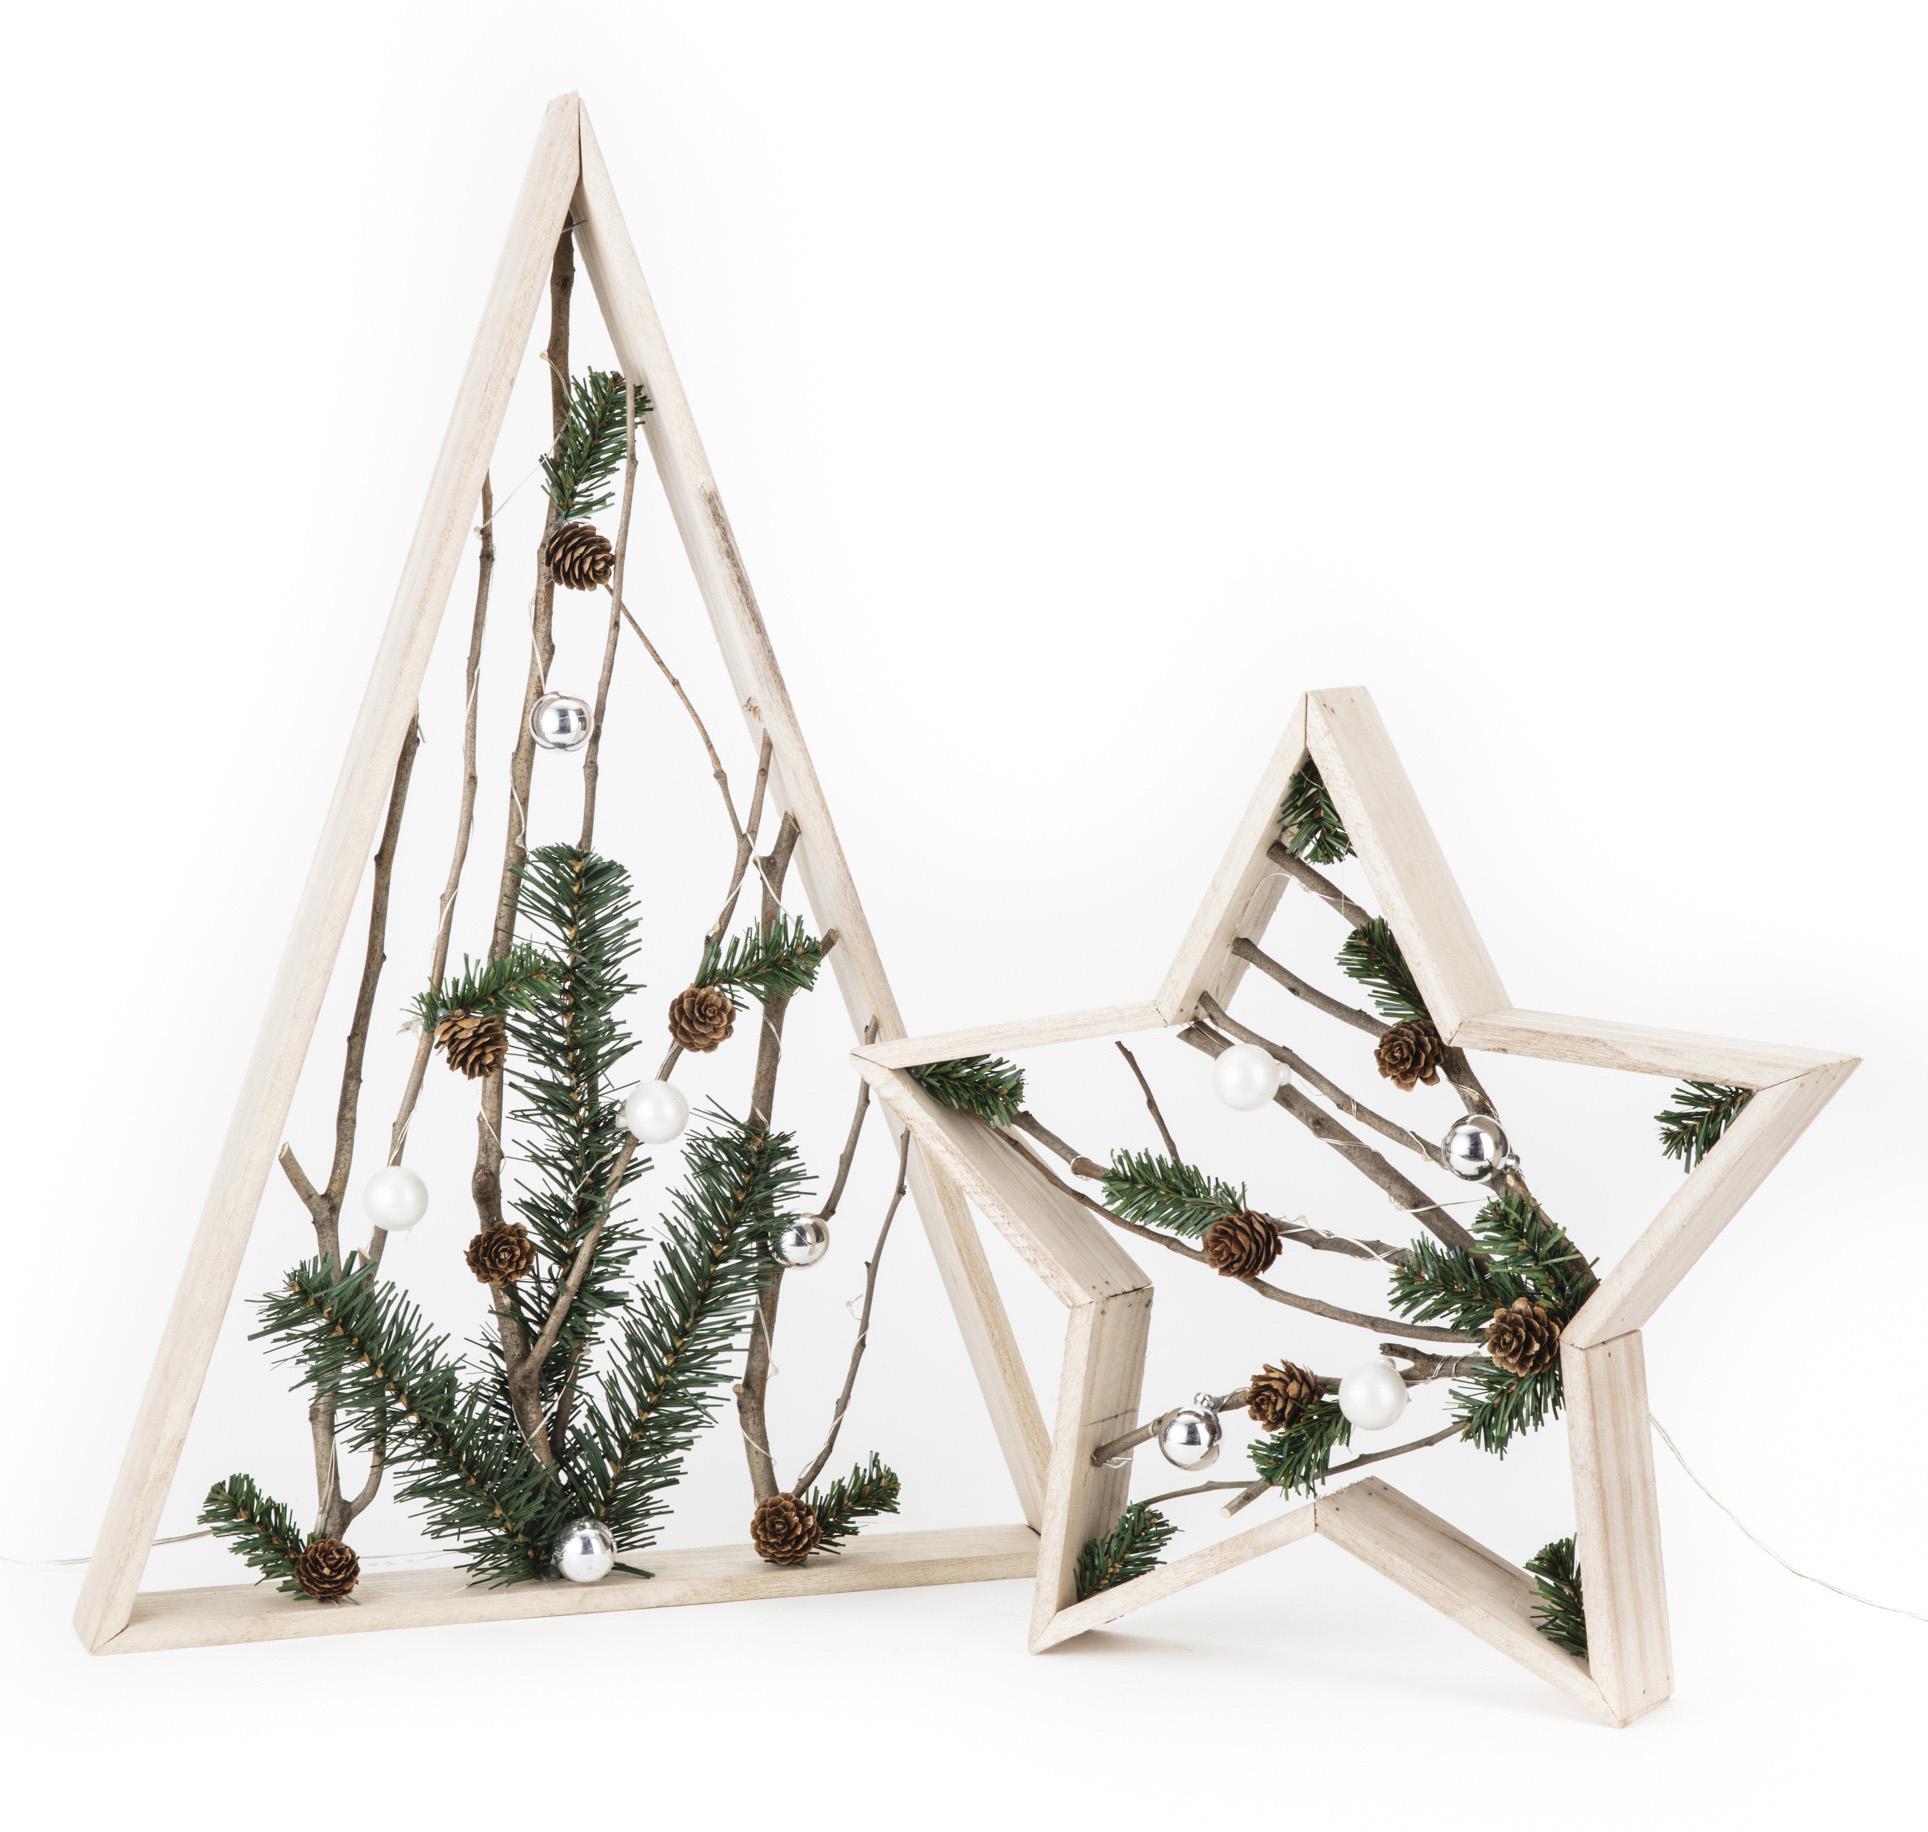 三角型、五星型聖誕LED擺飾燈